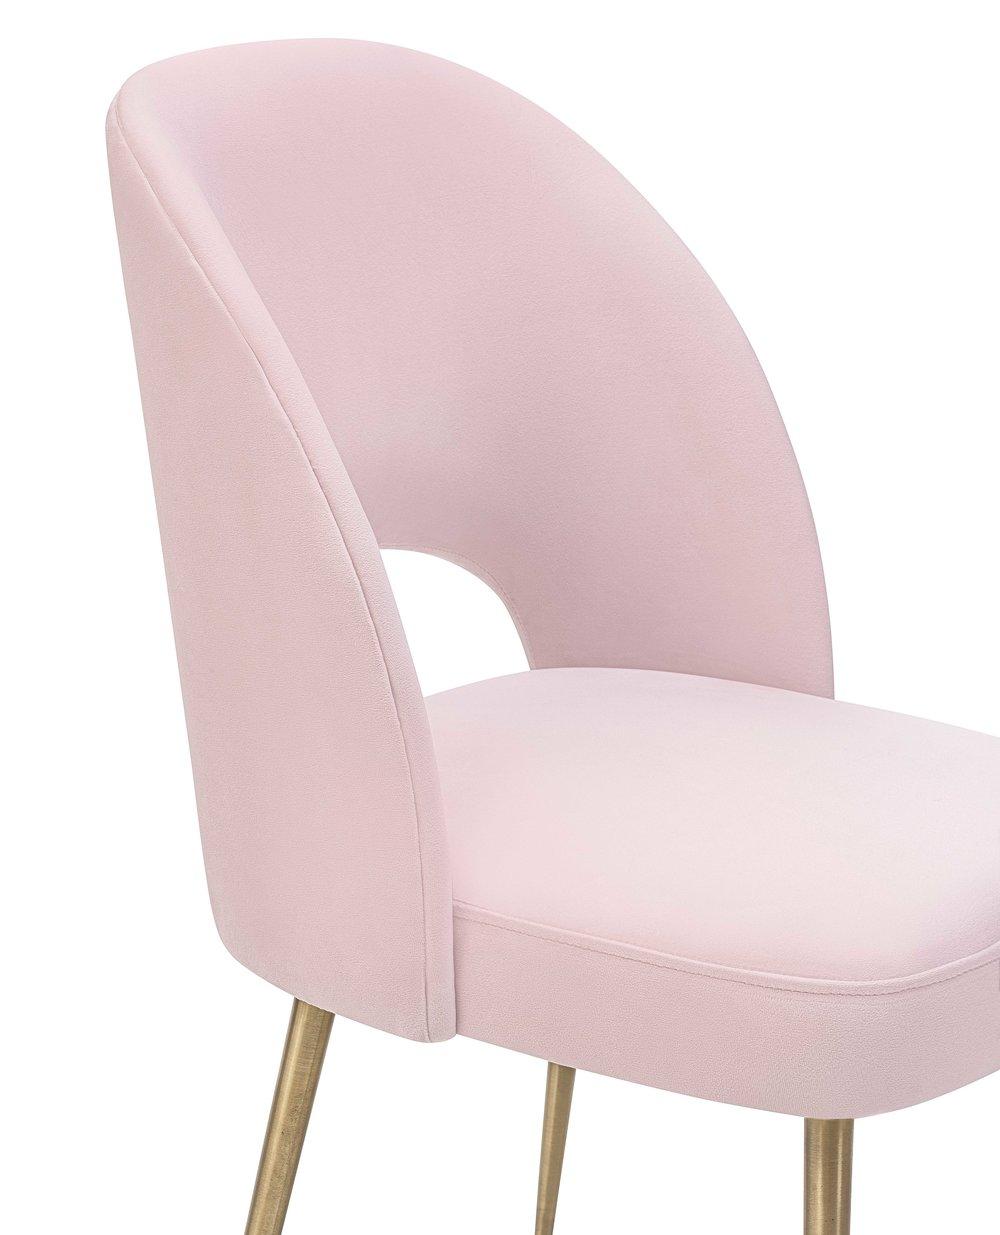 TOV Furniture - Swell Blush Velvet Chair